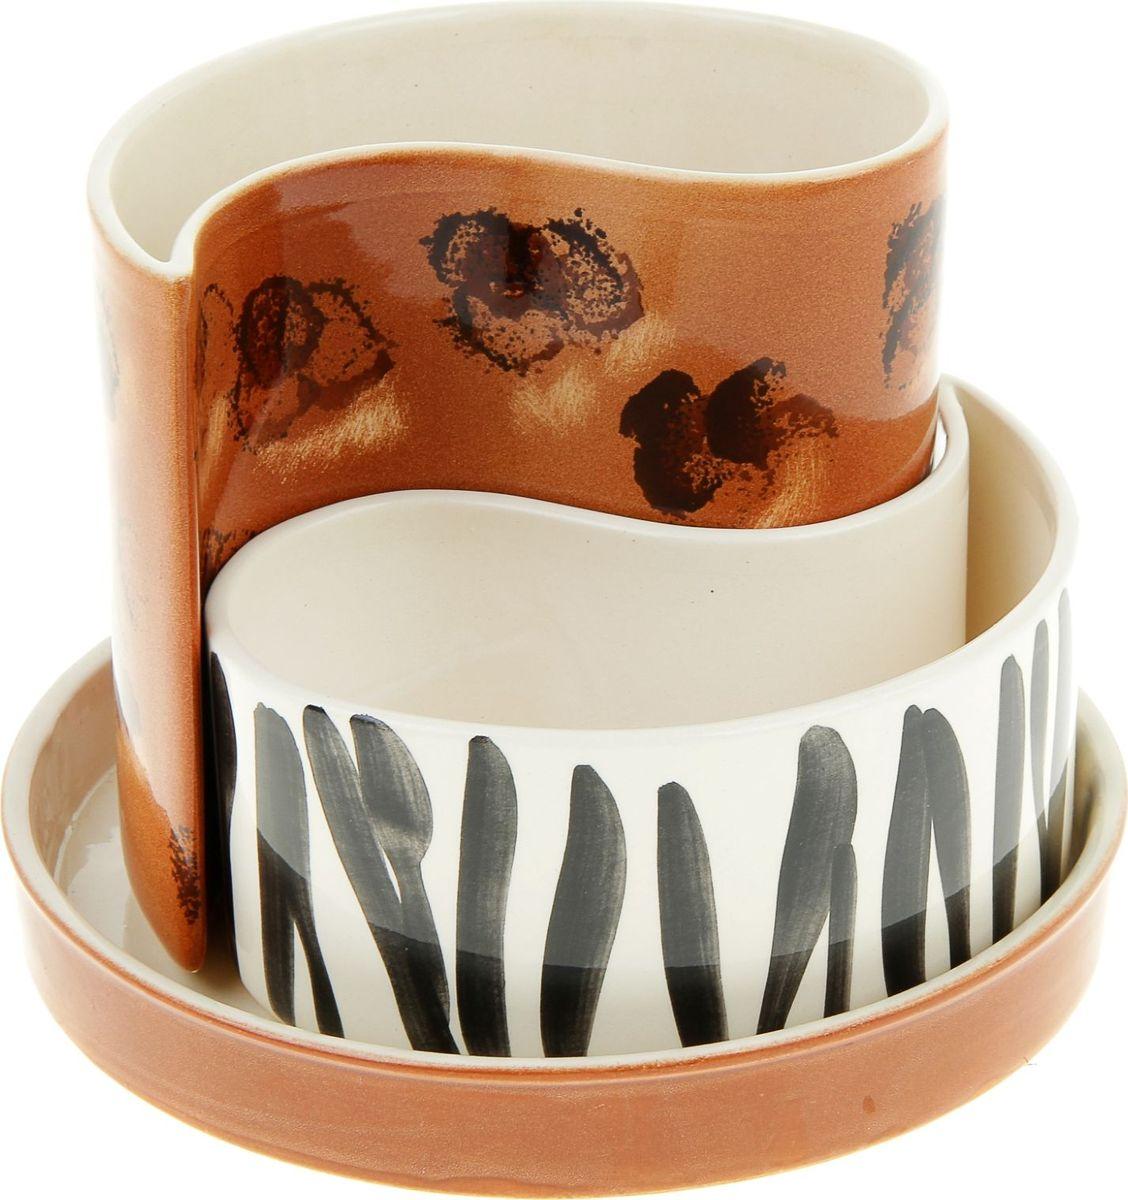 Набор кашпо Керамика ручной работы Капля. Зебра, цвет: коричневый, 2 предмета835595Комнатные растения — всеобщие любимцы. Они радуют глаз, насыщают помещение кислородом и украшают пространство. Каждому из них необходим свой удобный и красивый дом. Кашпо из керамики прекрасно подходят для высадки растений: за счёт пластичности глины и разных способов обработки существует великое множество форм и дизайновпористый материал позволяет испаряться лишней влагевоздух, необходимый для дыхания корней, проникает сквозь керамические стенки! #name# позаботится о зелёном питомце, освежит интерьер и подчеркнёт его стиль.